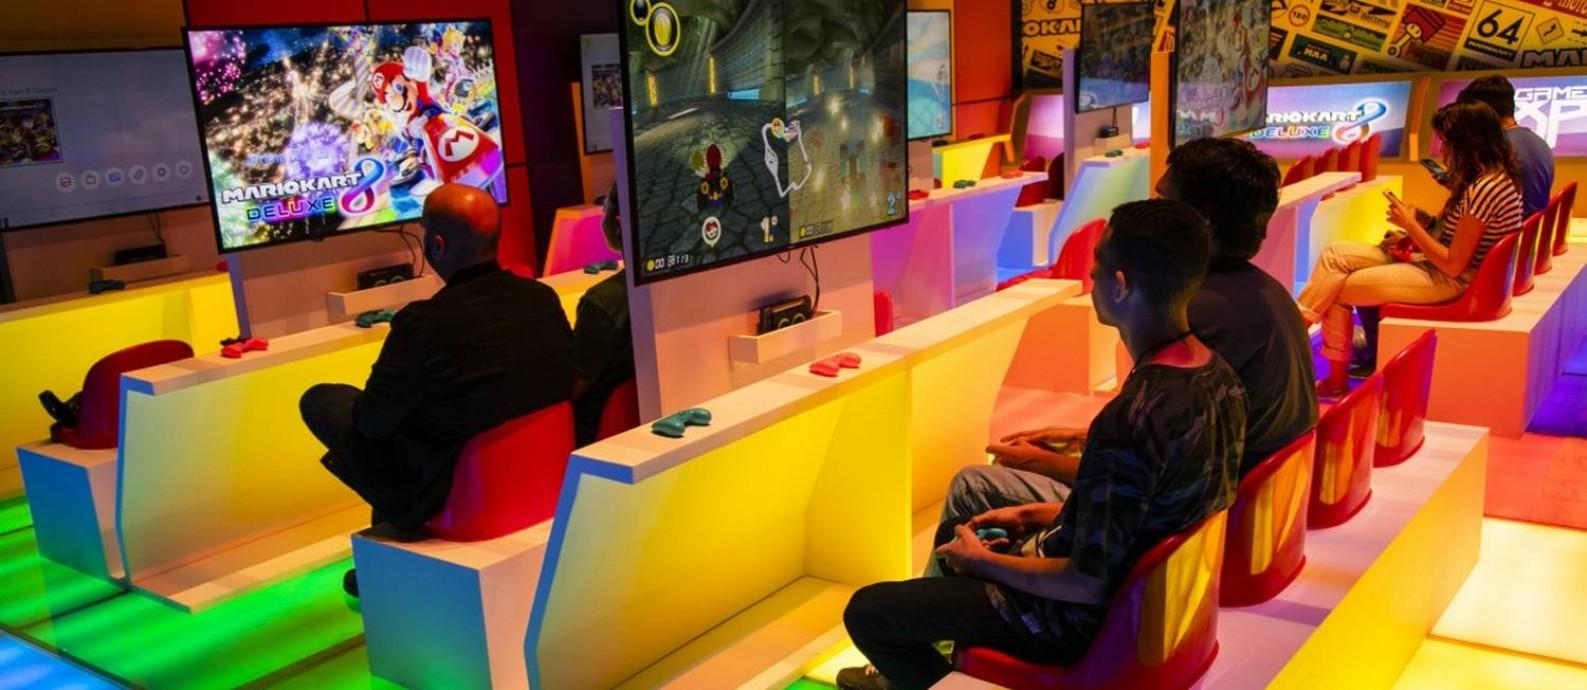 Game XP: na Barra, o primeiro game park do mundo Foto: Leo Martins / Agência O Globo